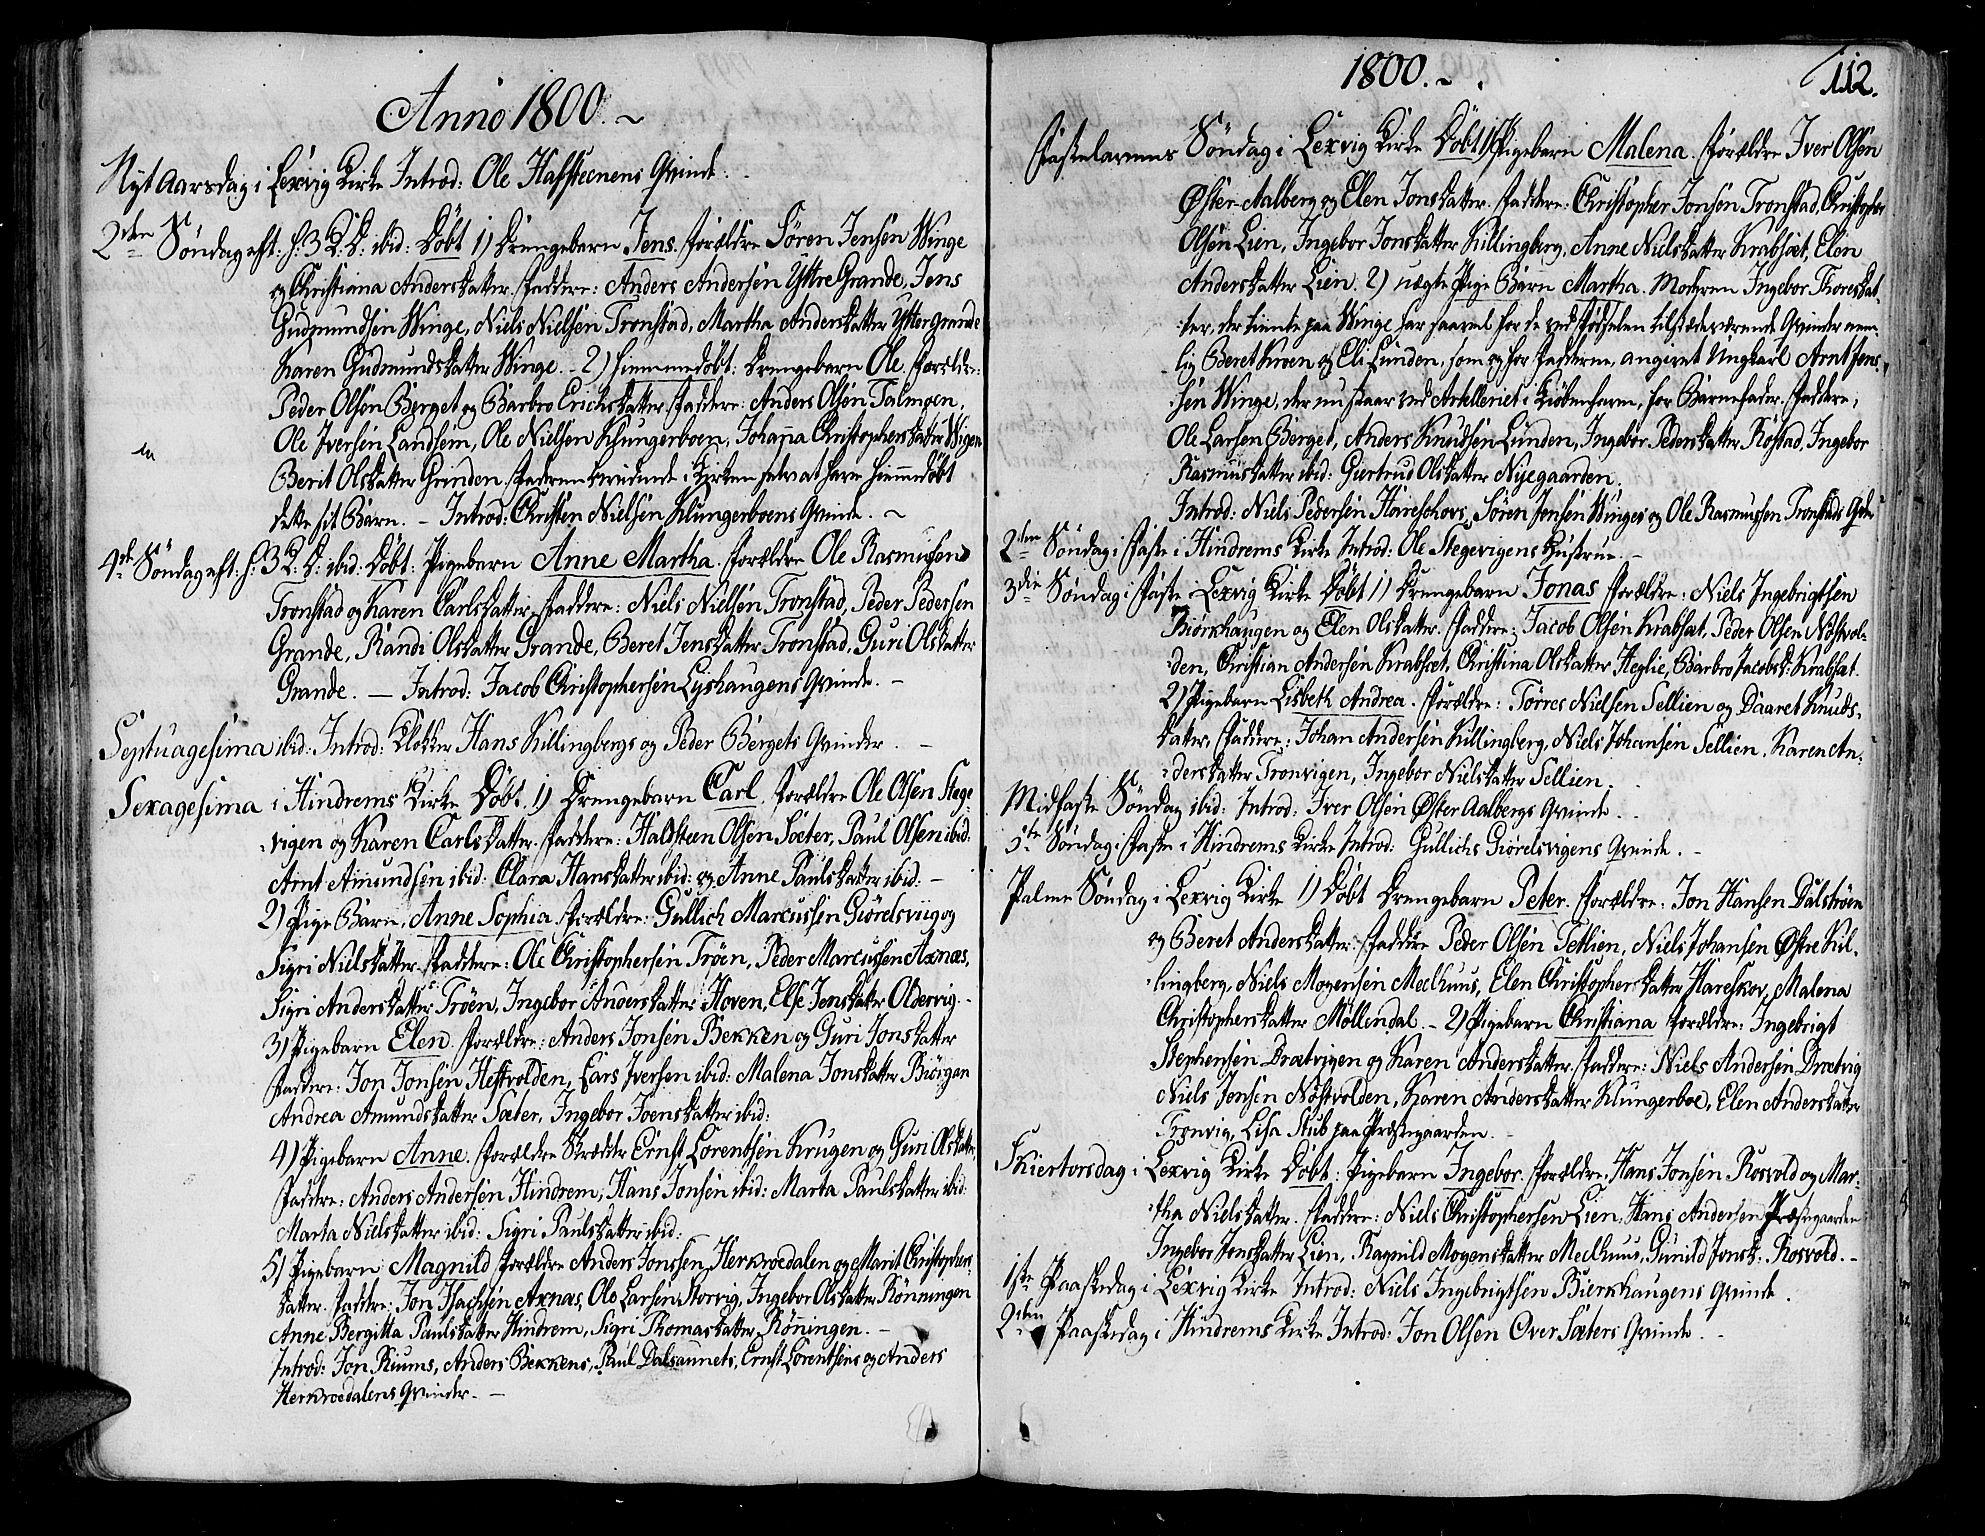 SAT, Ministerialprotokoller, klokkerbøker og fødselsregistre - Nord-Trøndelag, 701/L0004: Ministerialbok nr. 701A04, 1783-1816, s. 112